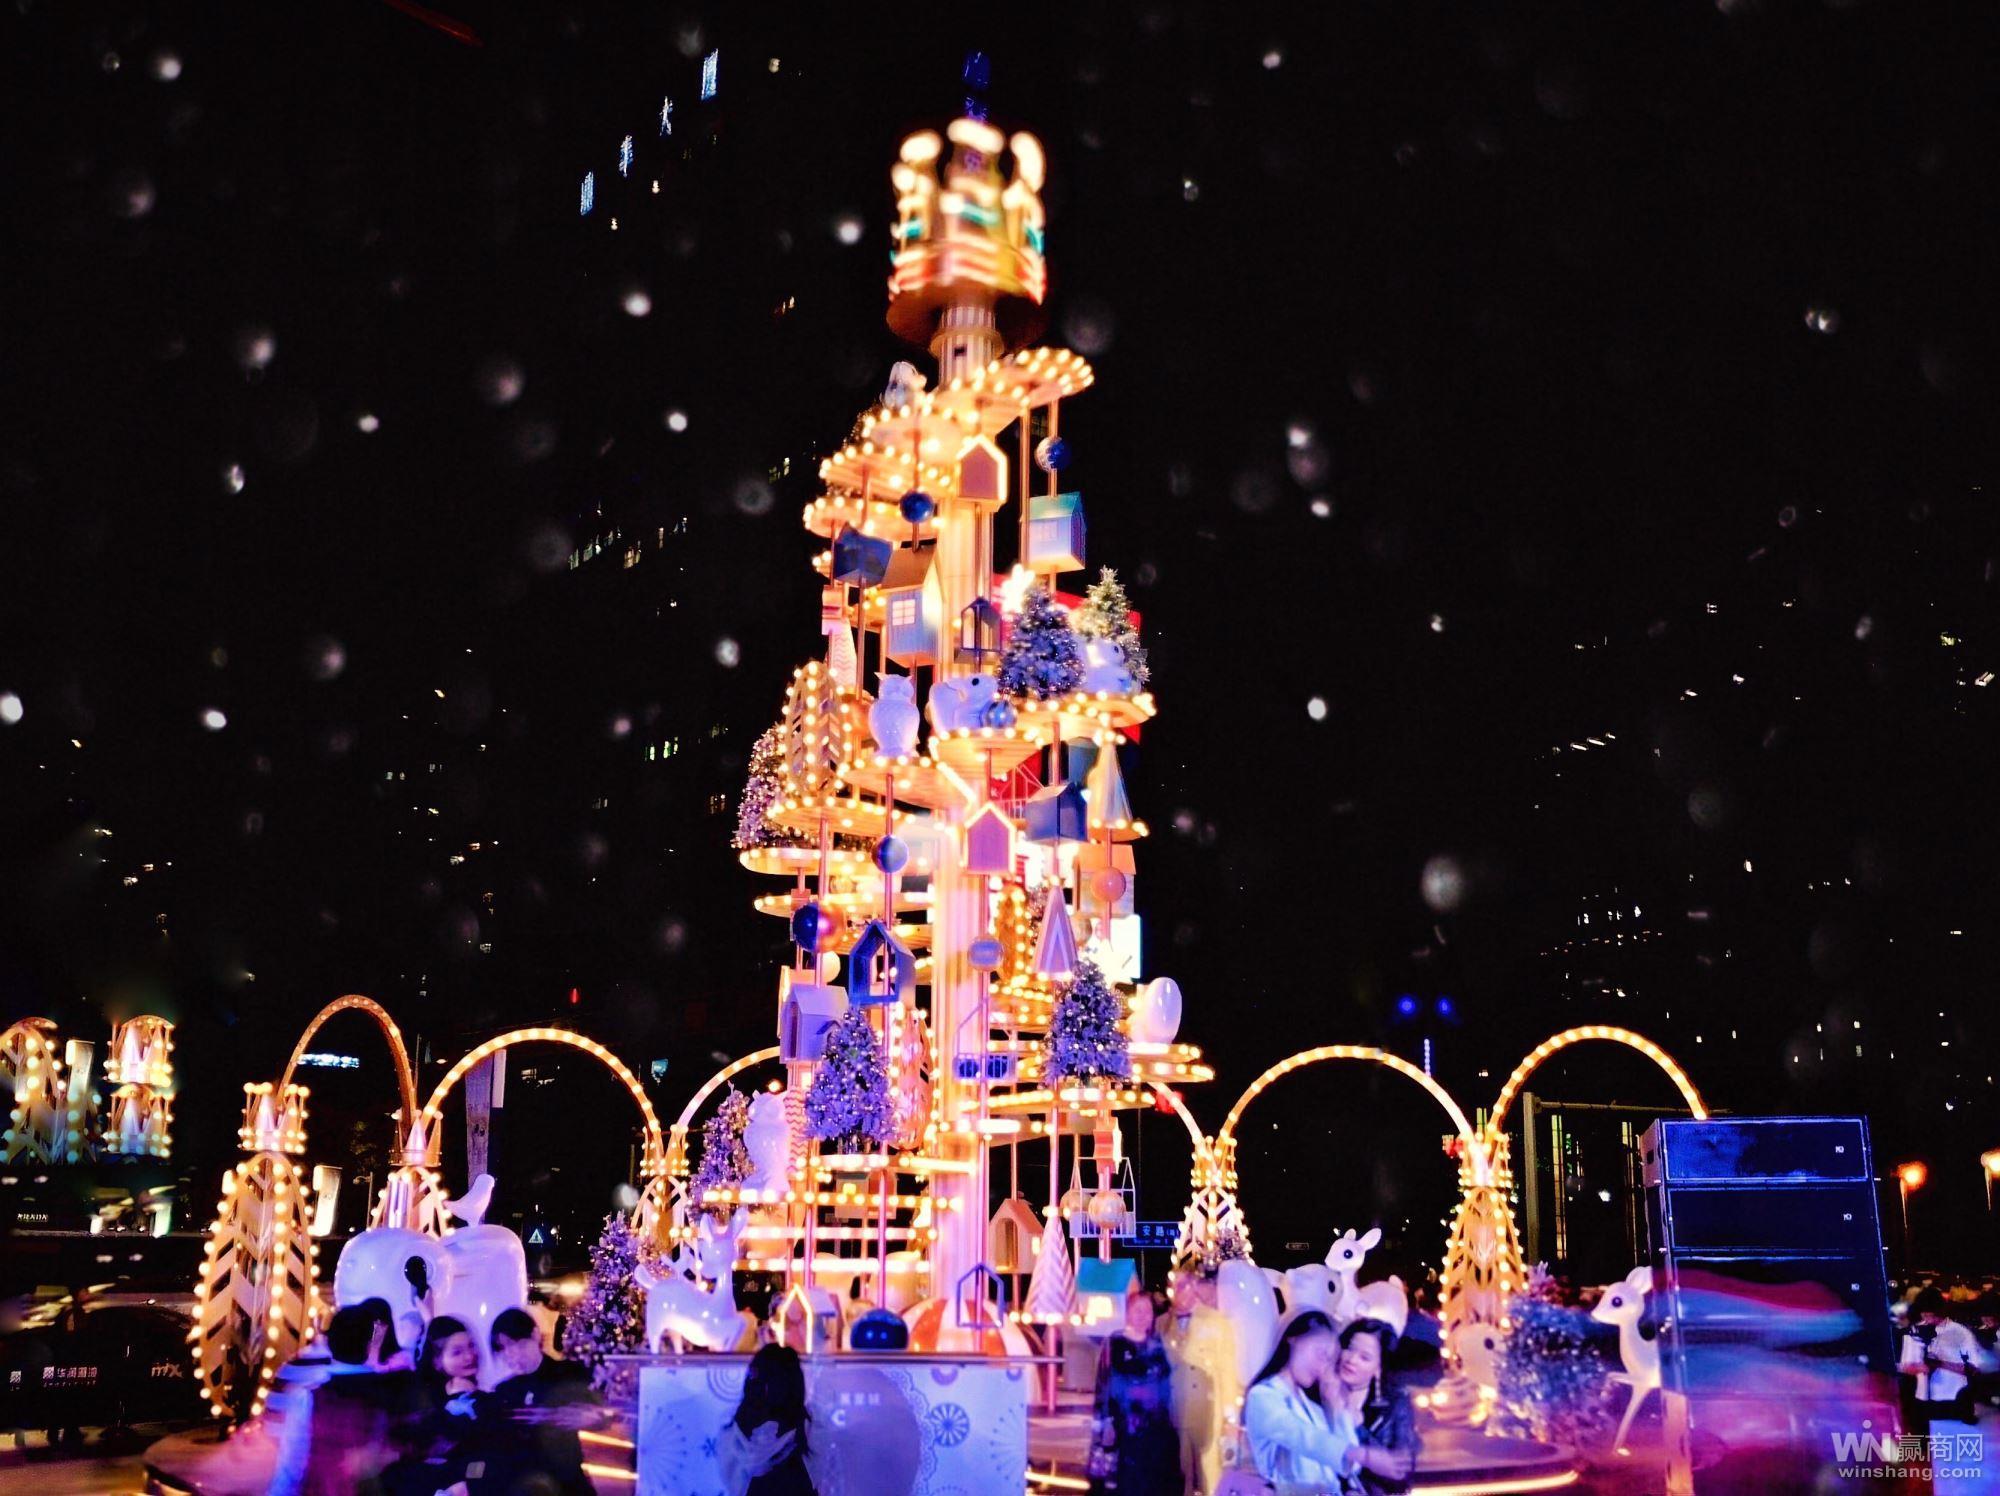 2018年深圳万象城圣诞亮灯